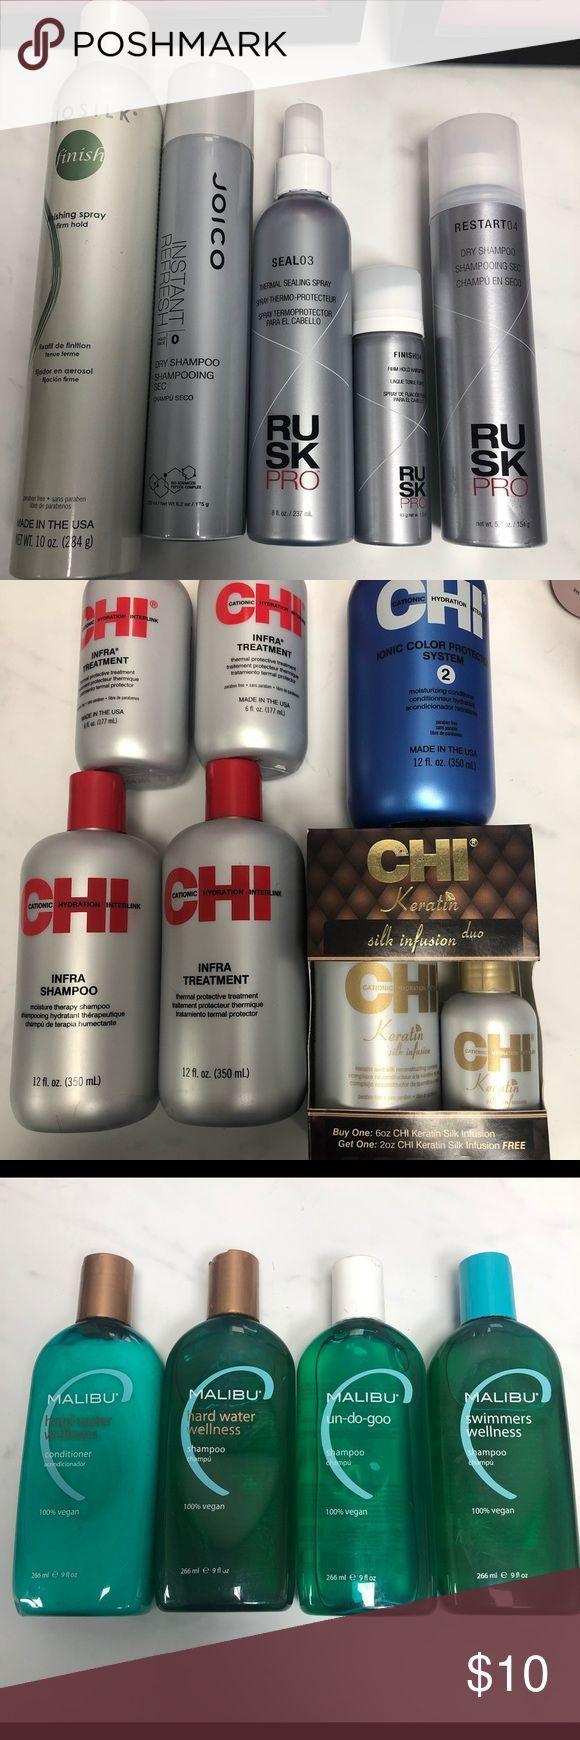 Haarpflegemittel (NEU)  Viele Haarpflegemittel  alle neu und nie benutzt !!! $ 1